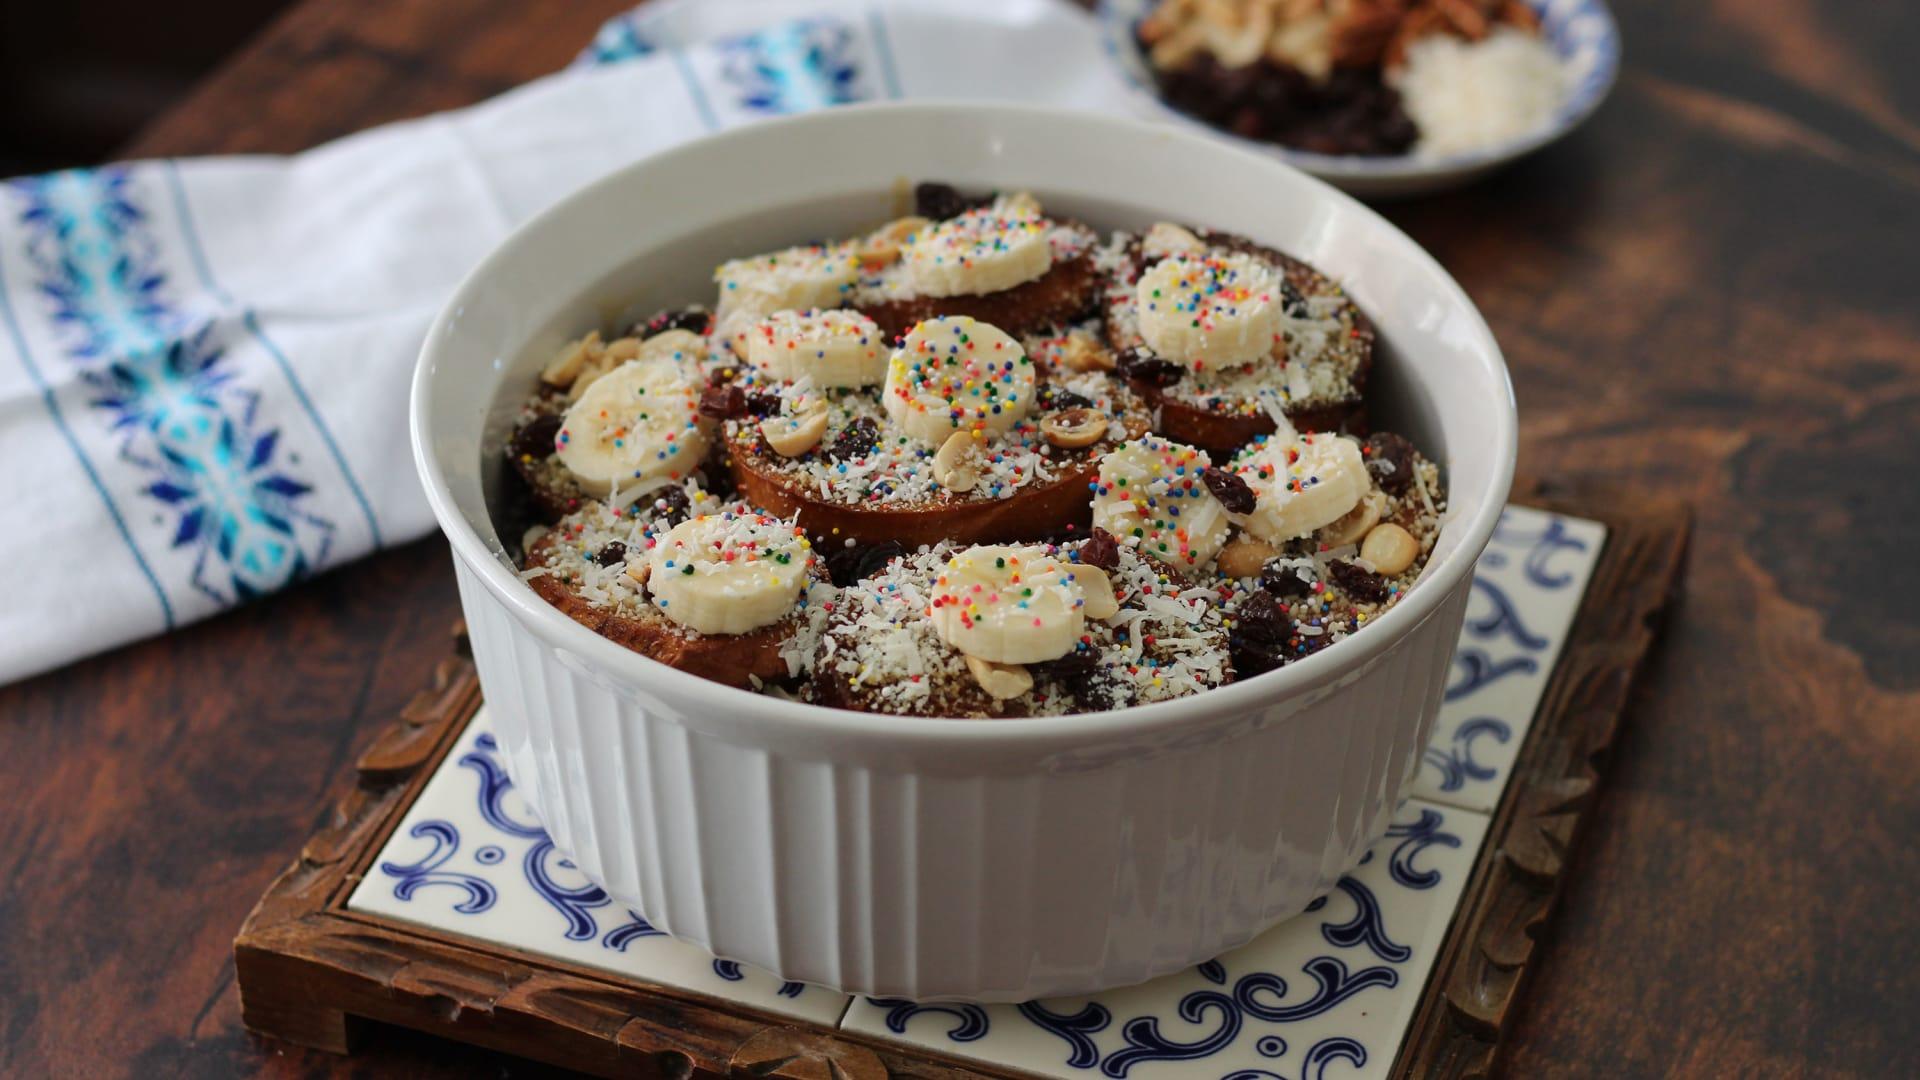 بظل عيد الفصح.. إليك 5 أطباق شهية خاصة بهذه المناسبة حول العالم